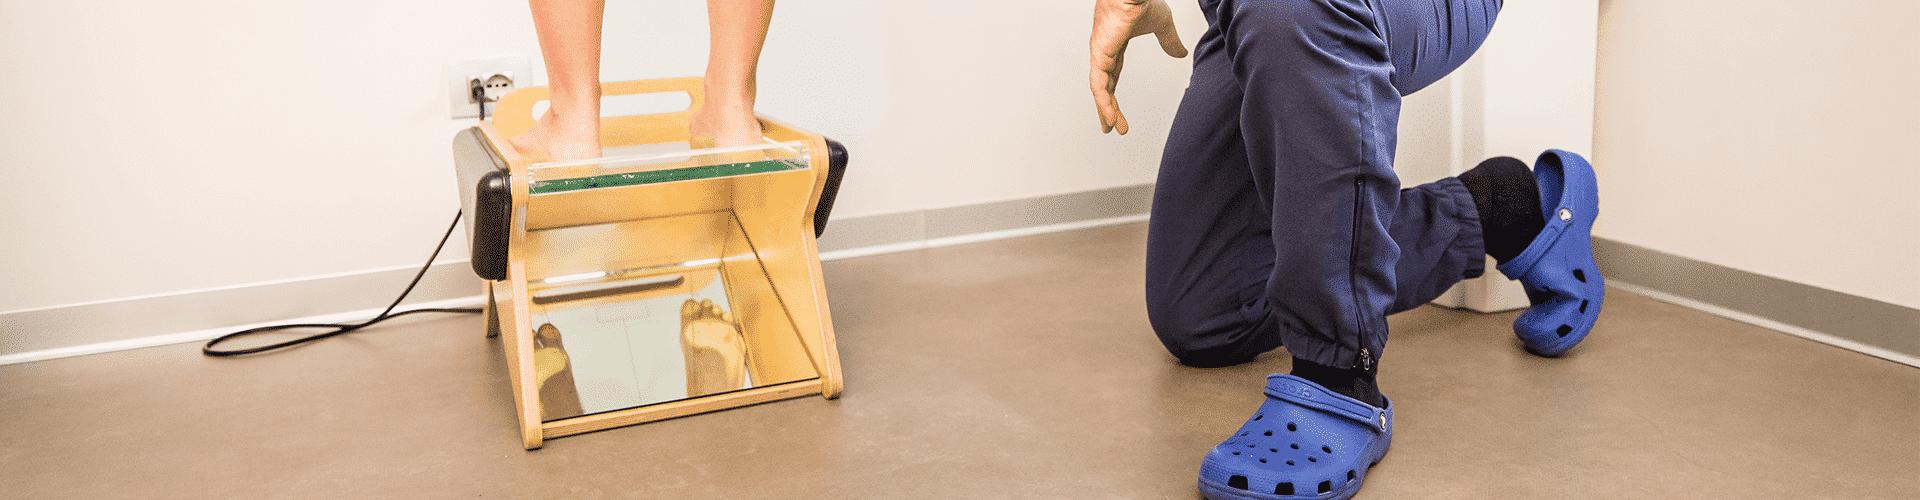 Valutazione posturale a Biella, dolori muscolo scheletrici